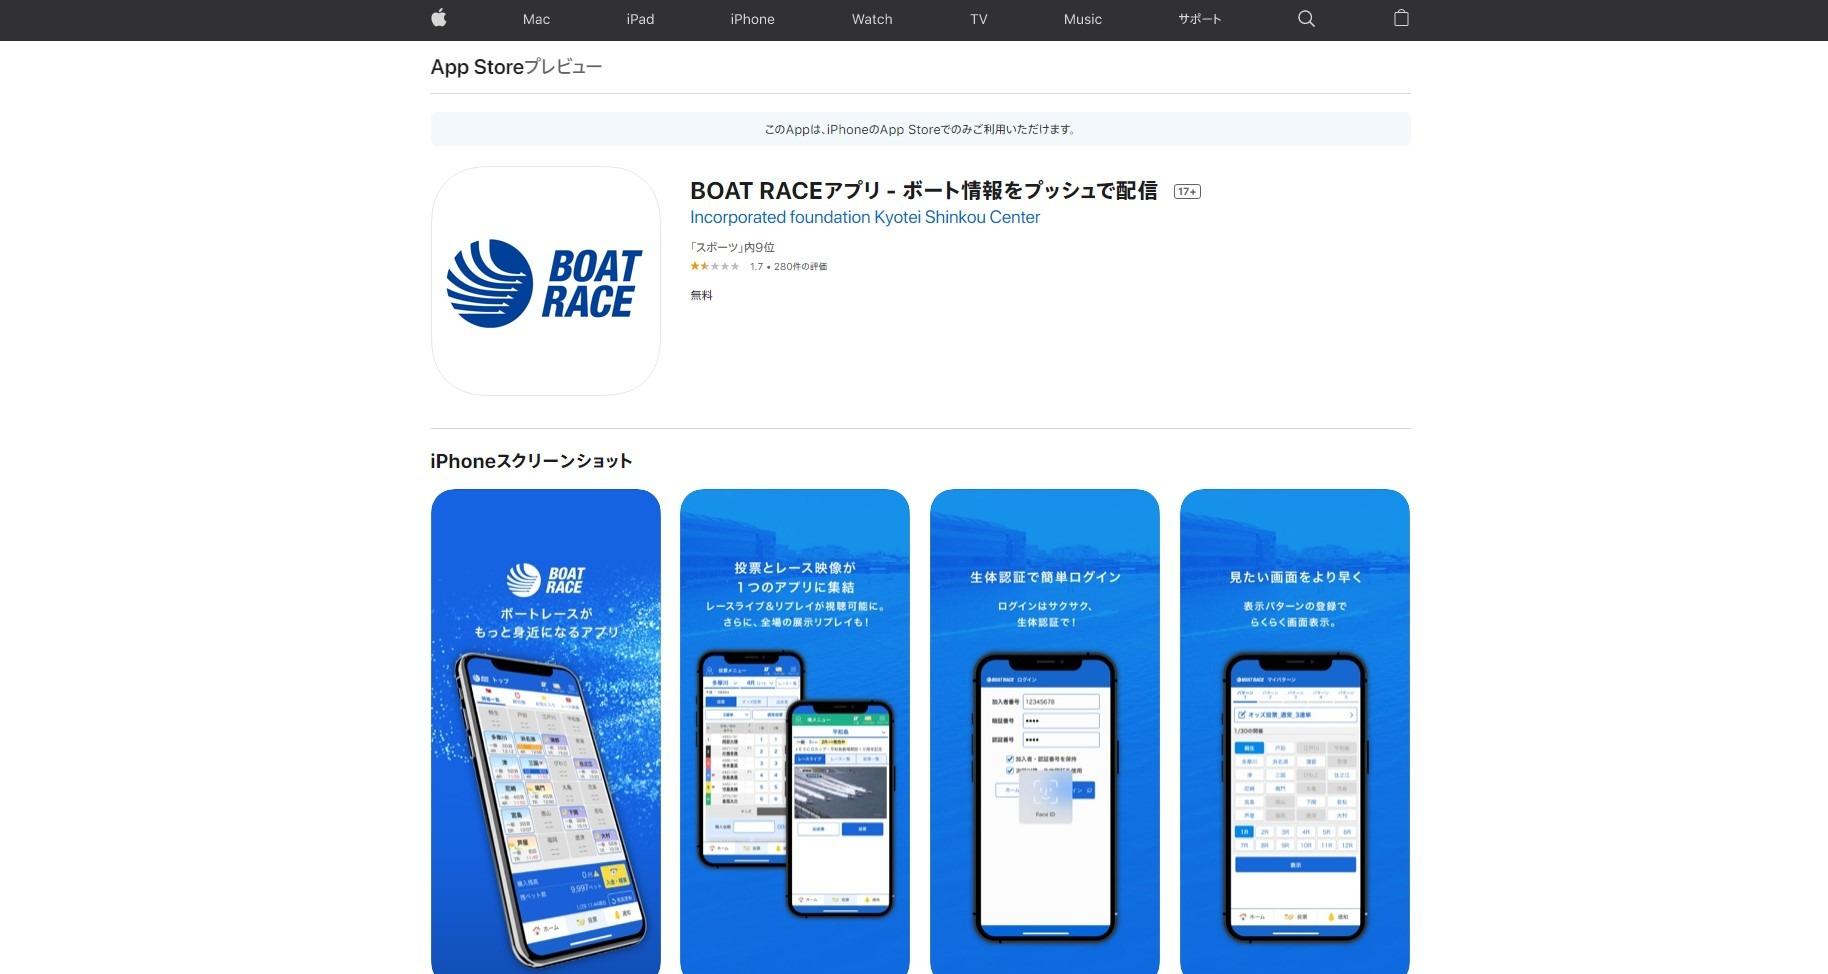 サイト 投票 ボート レース 競艇ボートレースのネット投票「スマホ版・ボートレース投票サイト」の使い方、買い方を解説